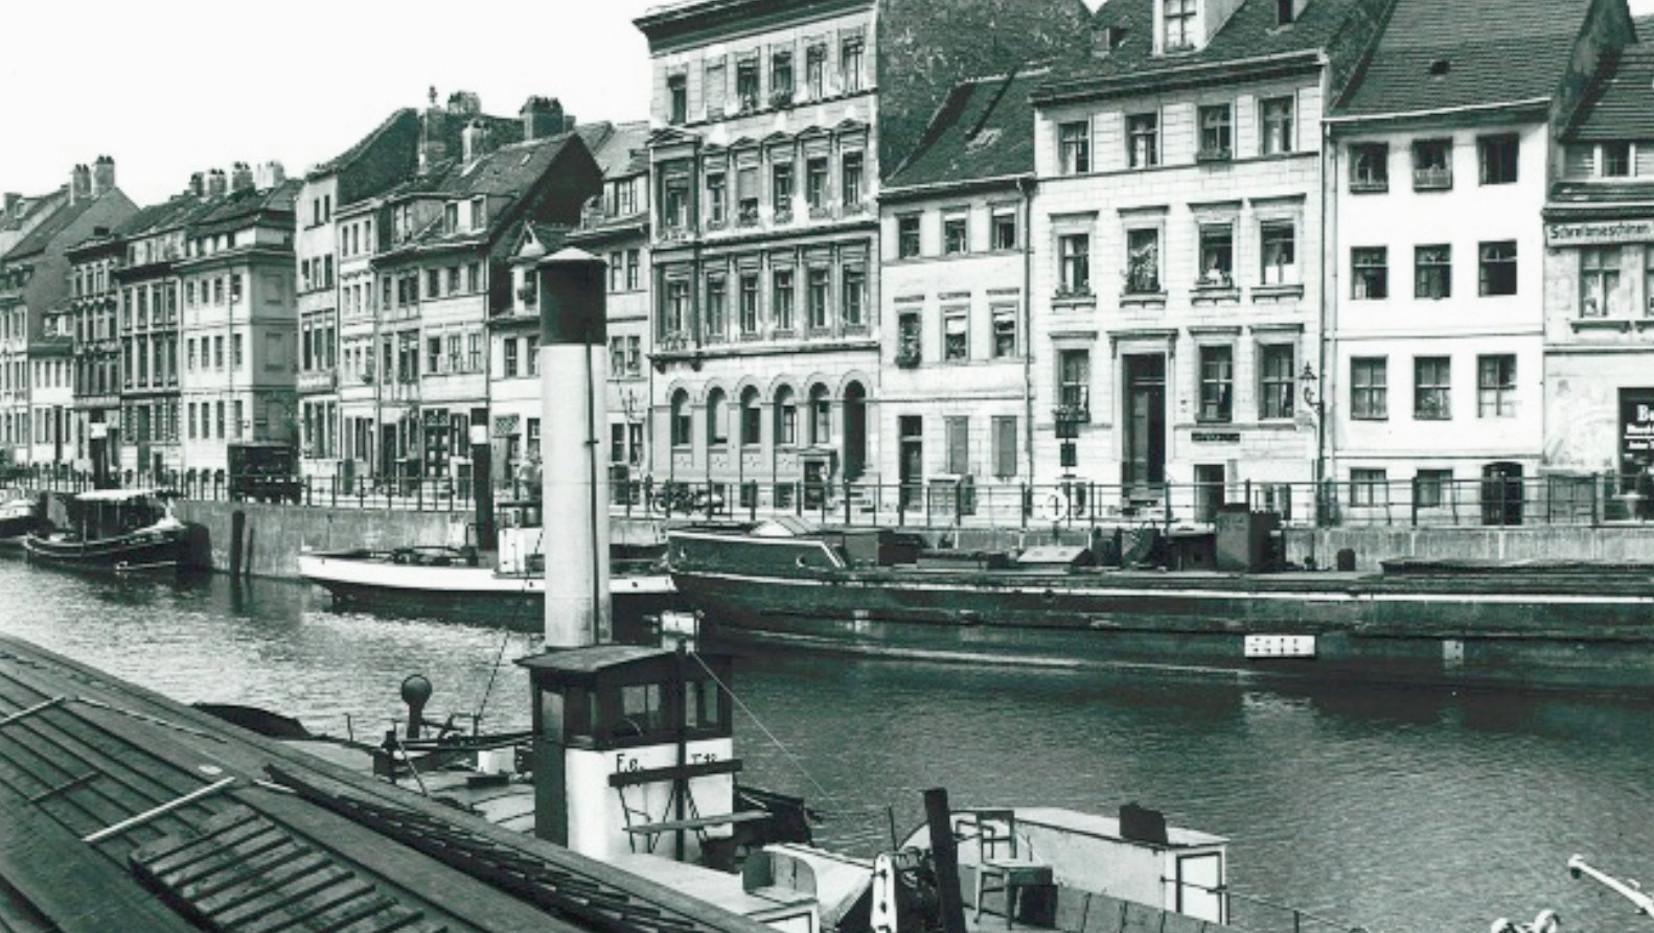 Friedrichsgracht von der Insel-Brücke aus gesehen, 1931